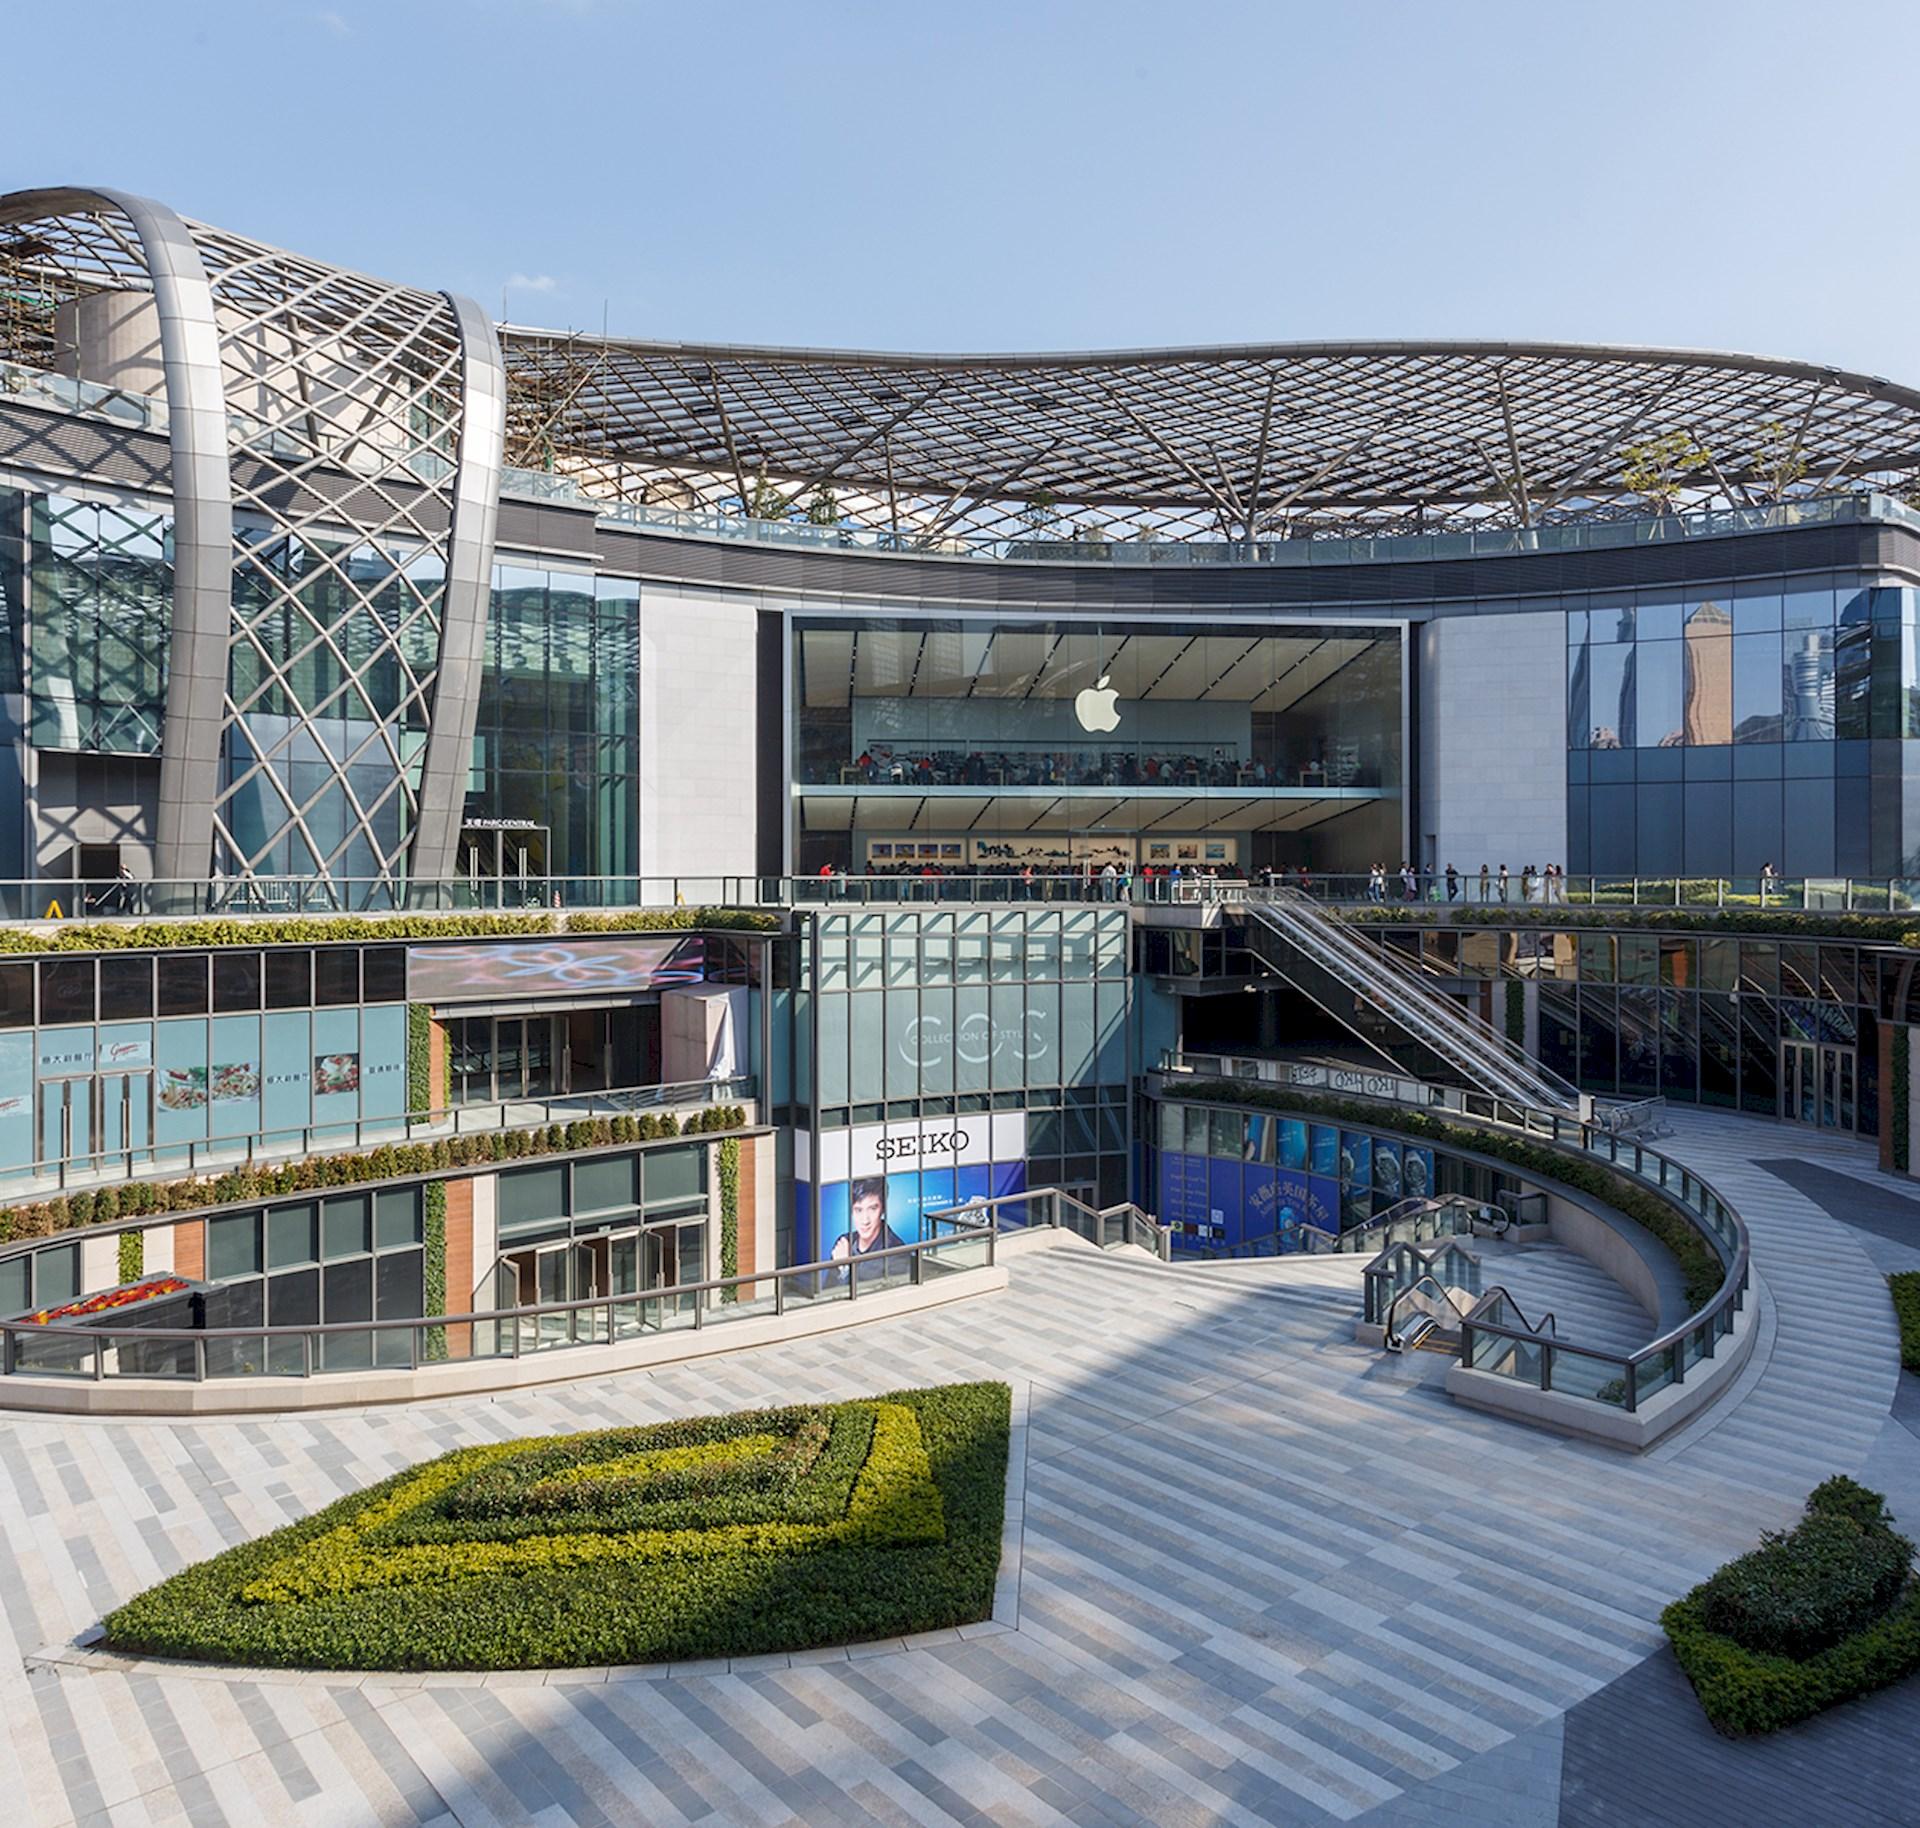 [广州]Benoy贝诺-广州天河广场室内设计效果图+高清摄影丨34P